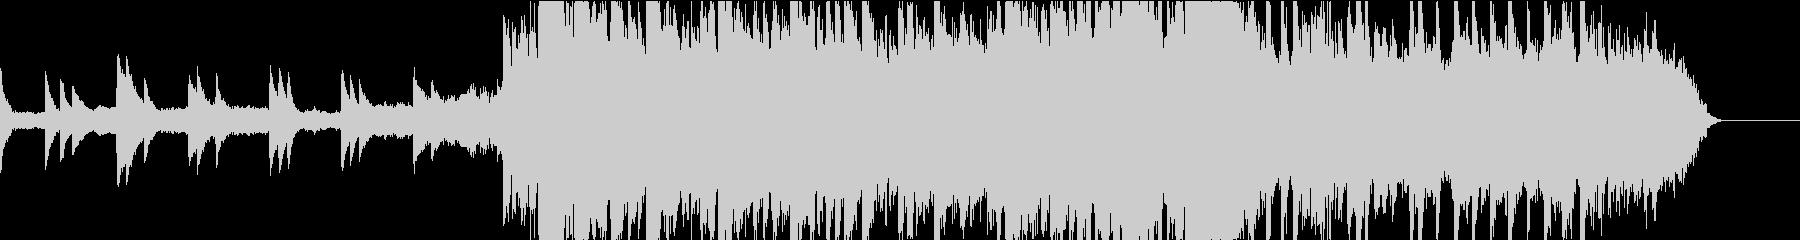 ピアノと弦楽器のオーケストレーショ...の未再生の波形